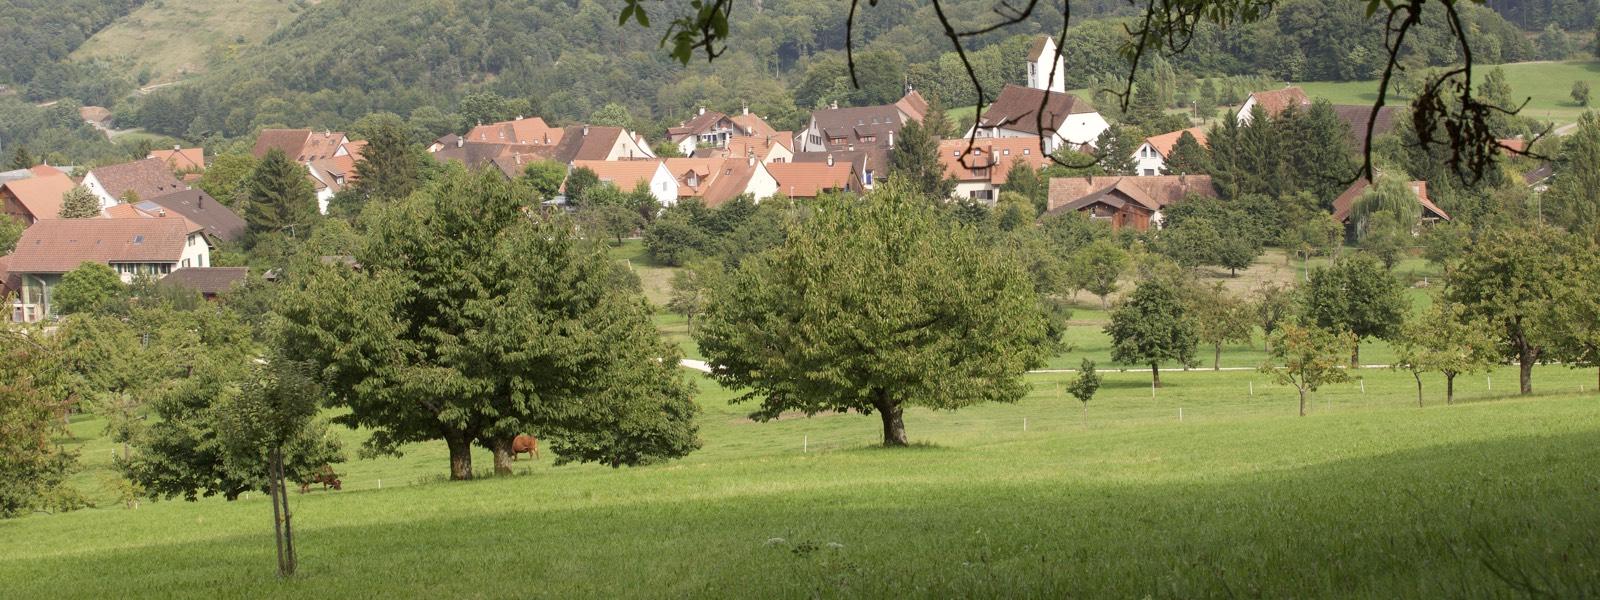 Hochstamm_Suisse_Baumpatenschaften